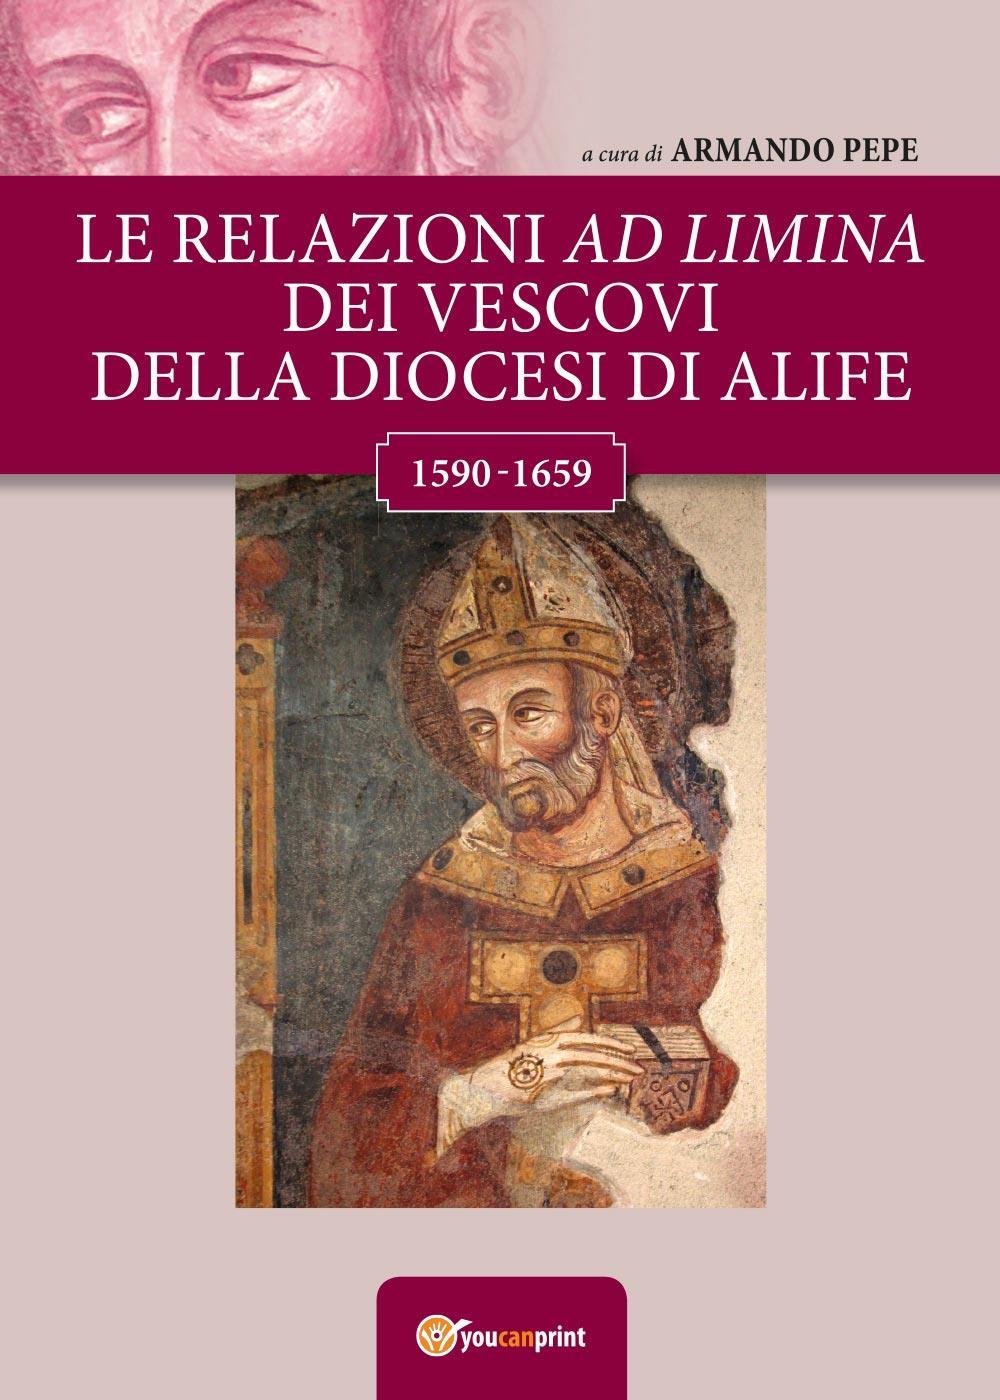 Le relazioni ad limina dei vescovi della diocesi di Alife (1590- 1659)